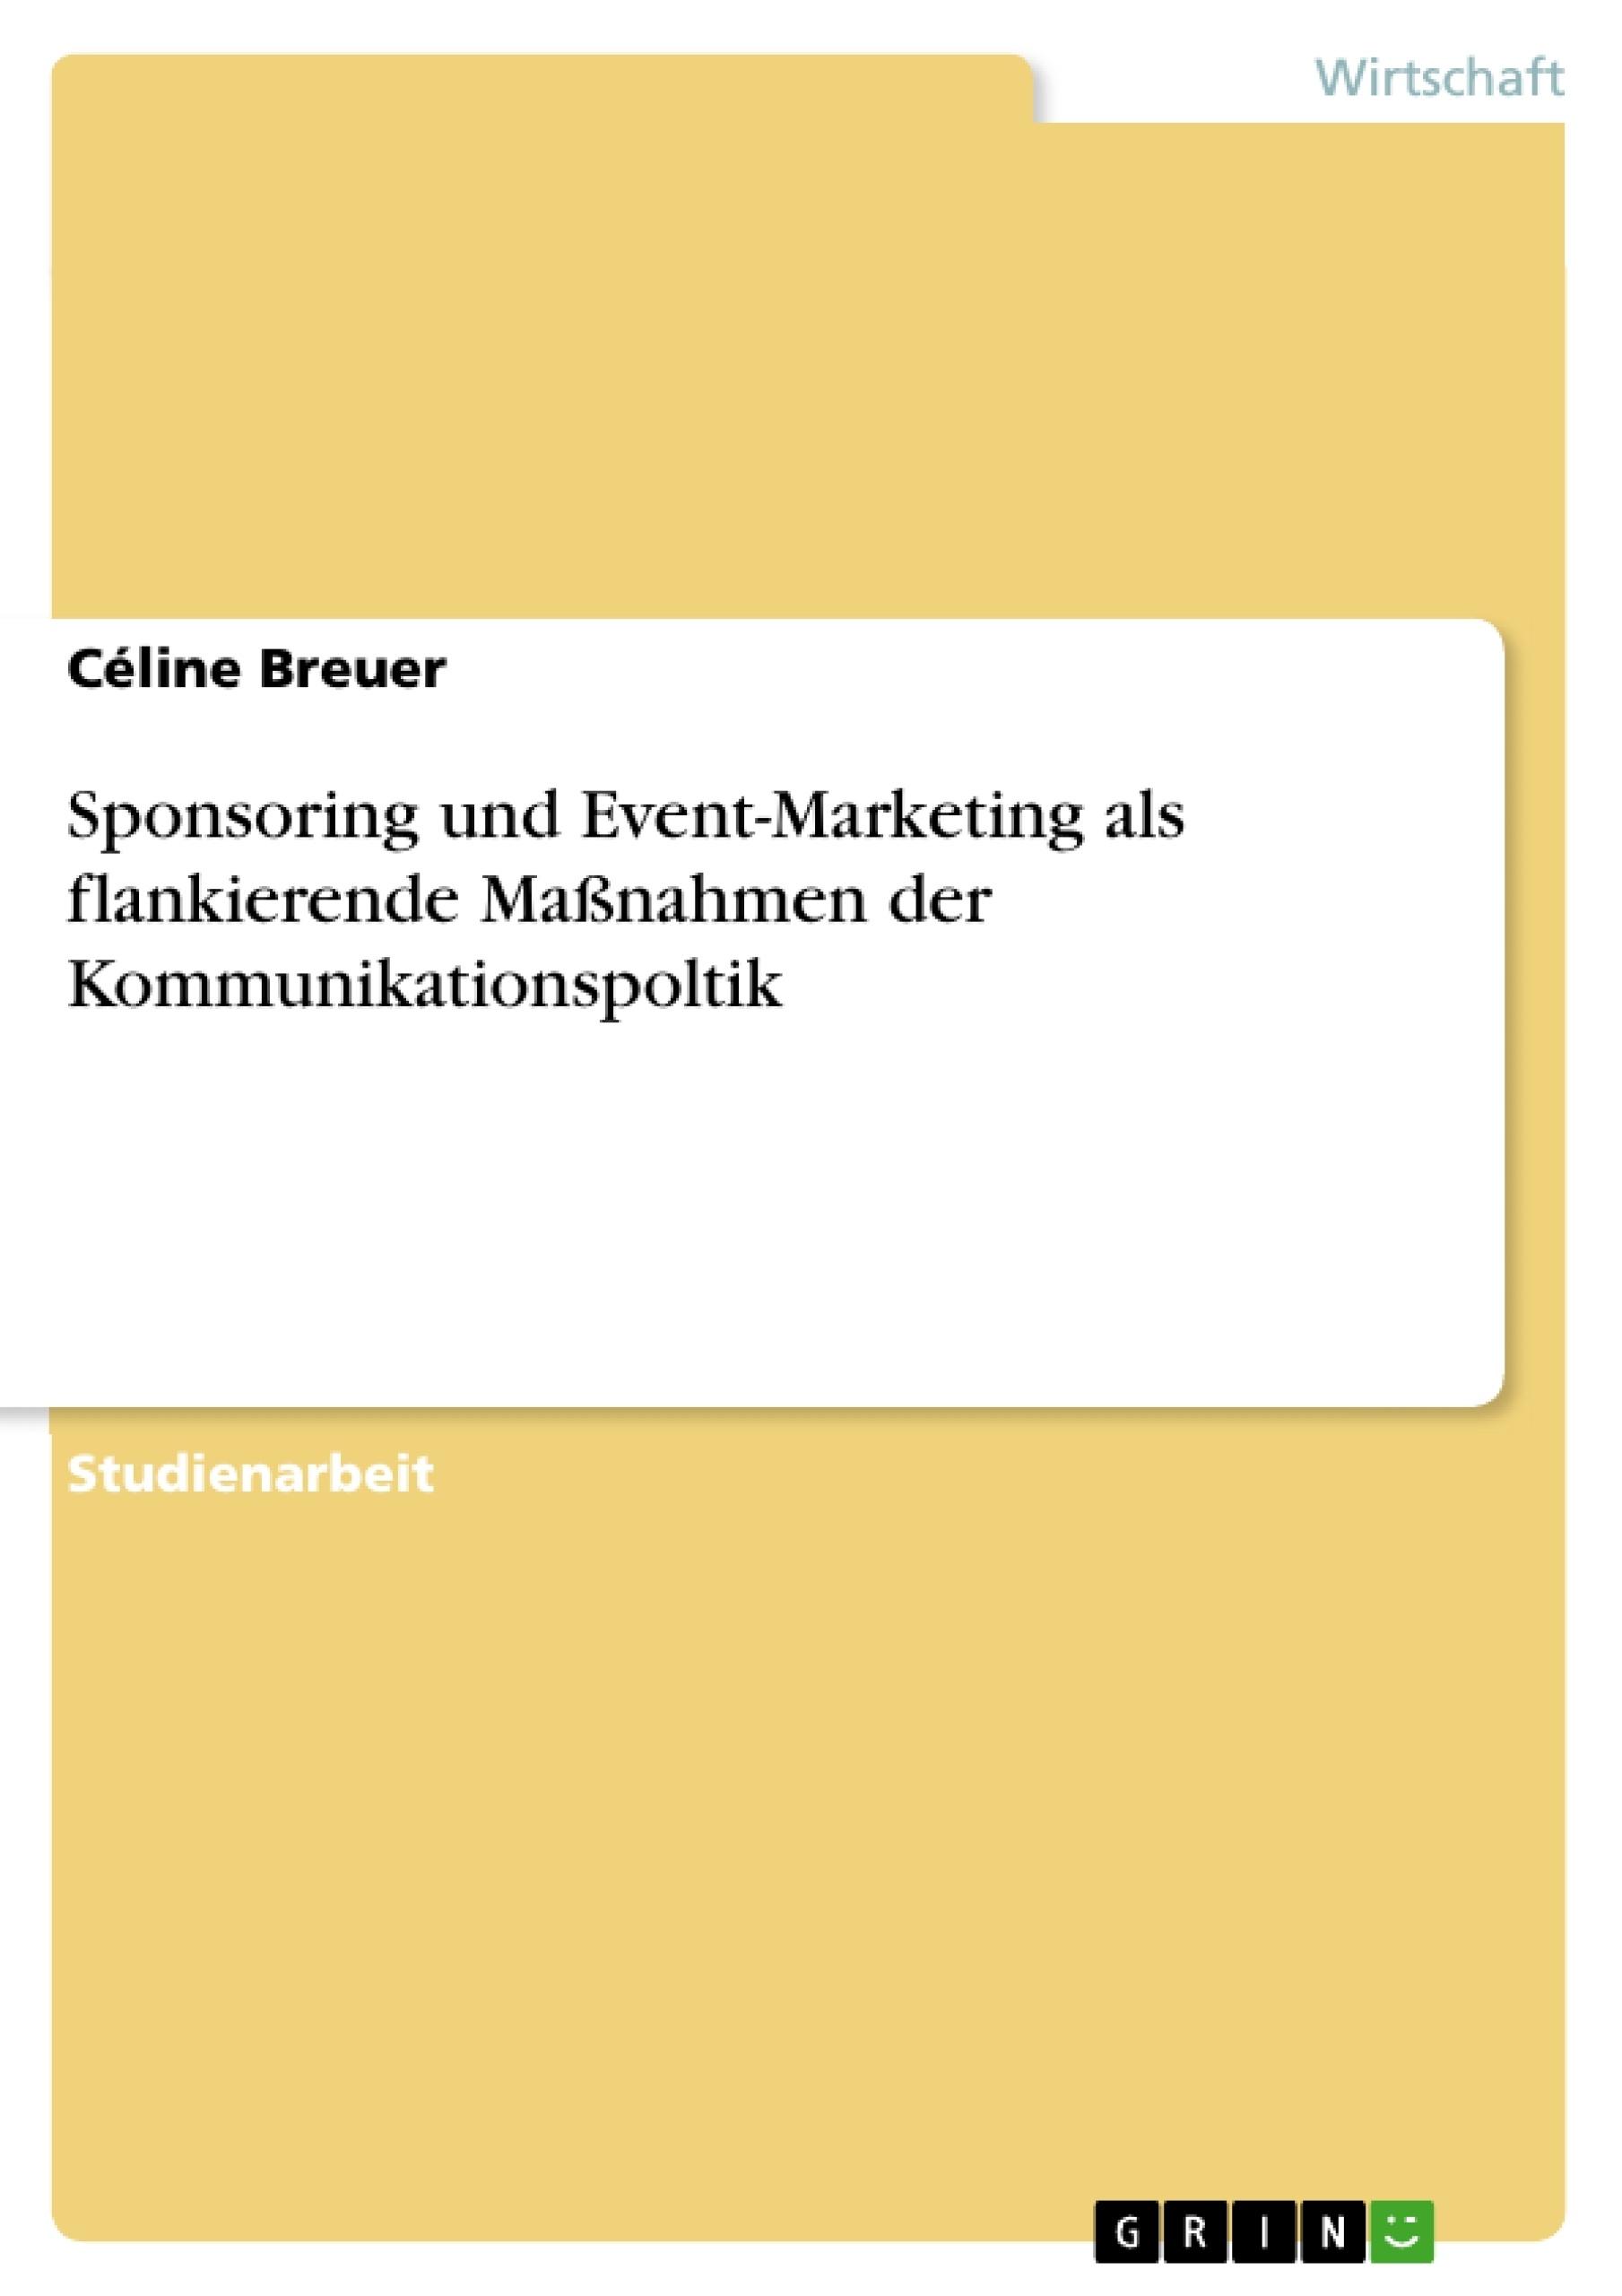 Titel: Sponsoring und Event-Marketing als flankierende Maßnahmen der Kommunikationspoltik